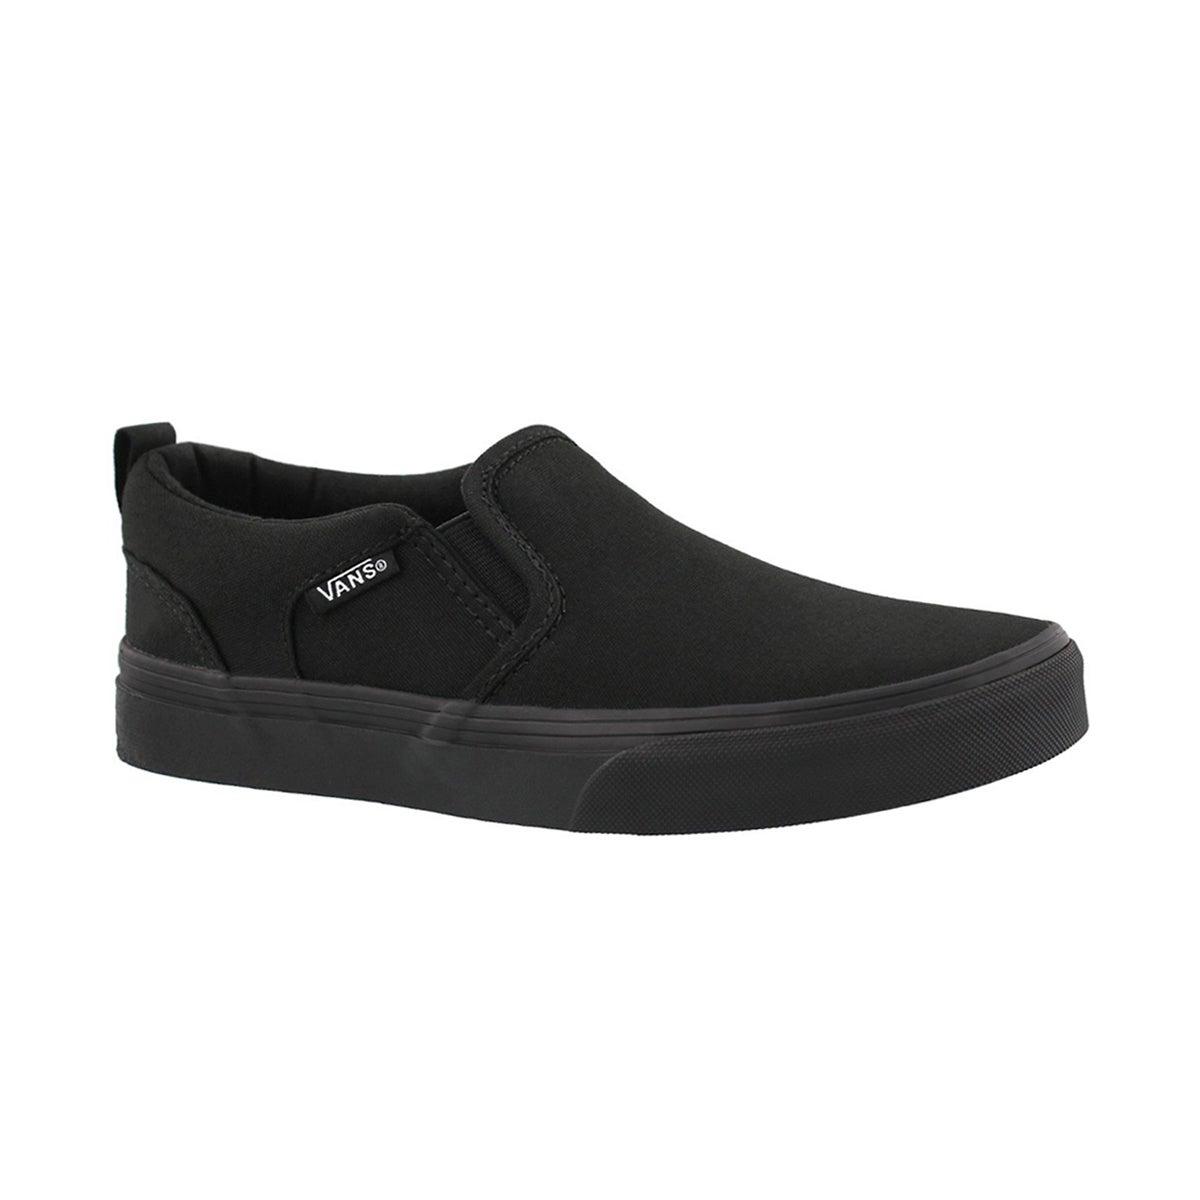 Boys' ASHER black/black slip on sneaker